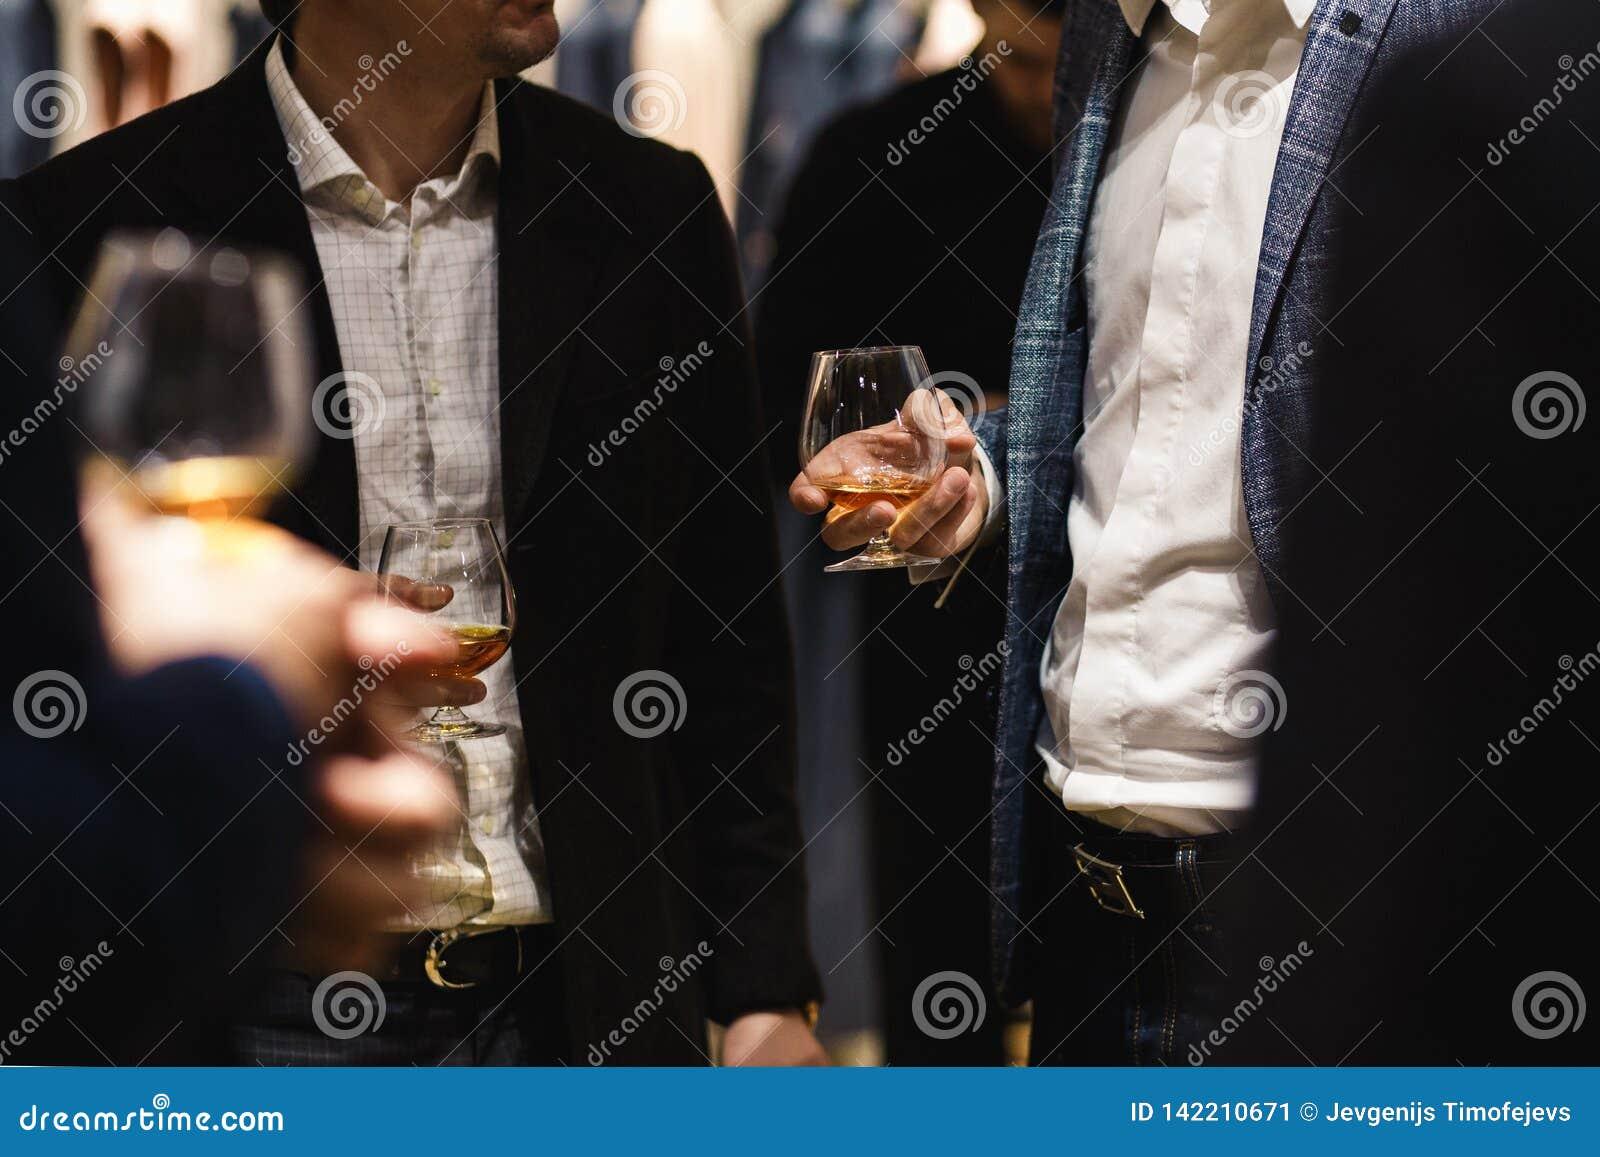 Folkanseende som pratar på en affärsmatställe som rymmer whisky- och vinexponeringsglasavsmakning och degustating matkockens mat